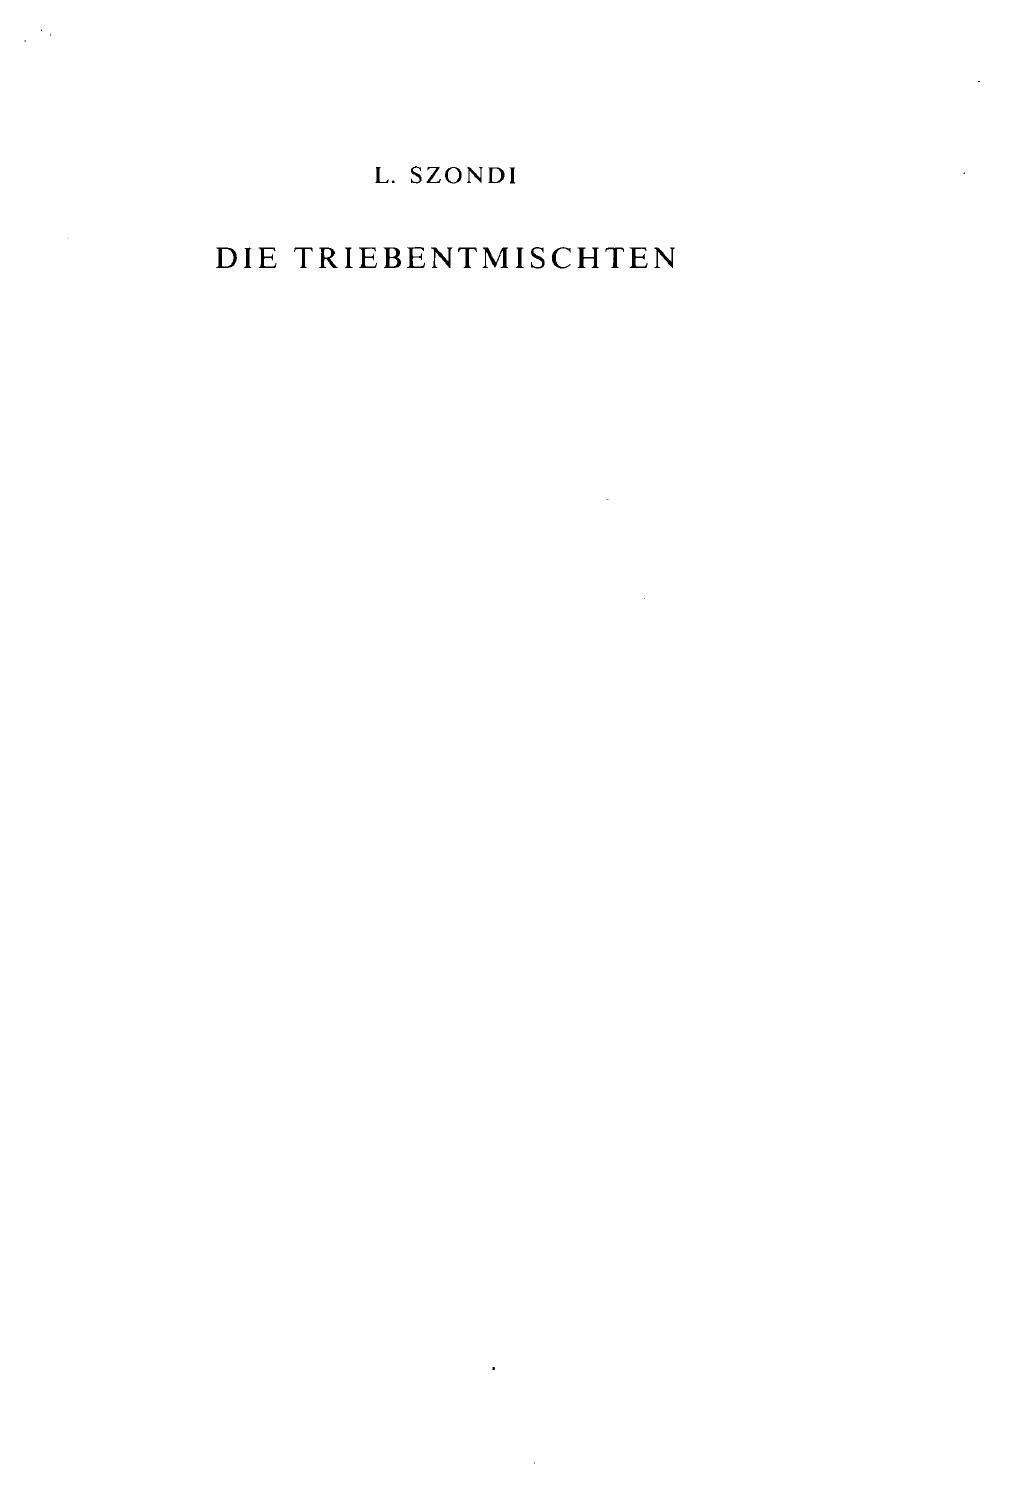 Die triebentmischten l szondi by Szondi Institut - issuu